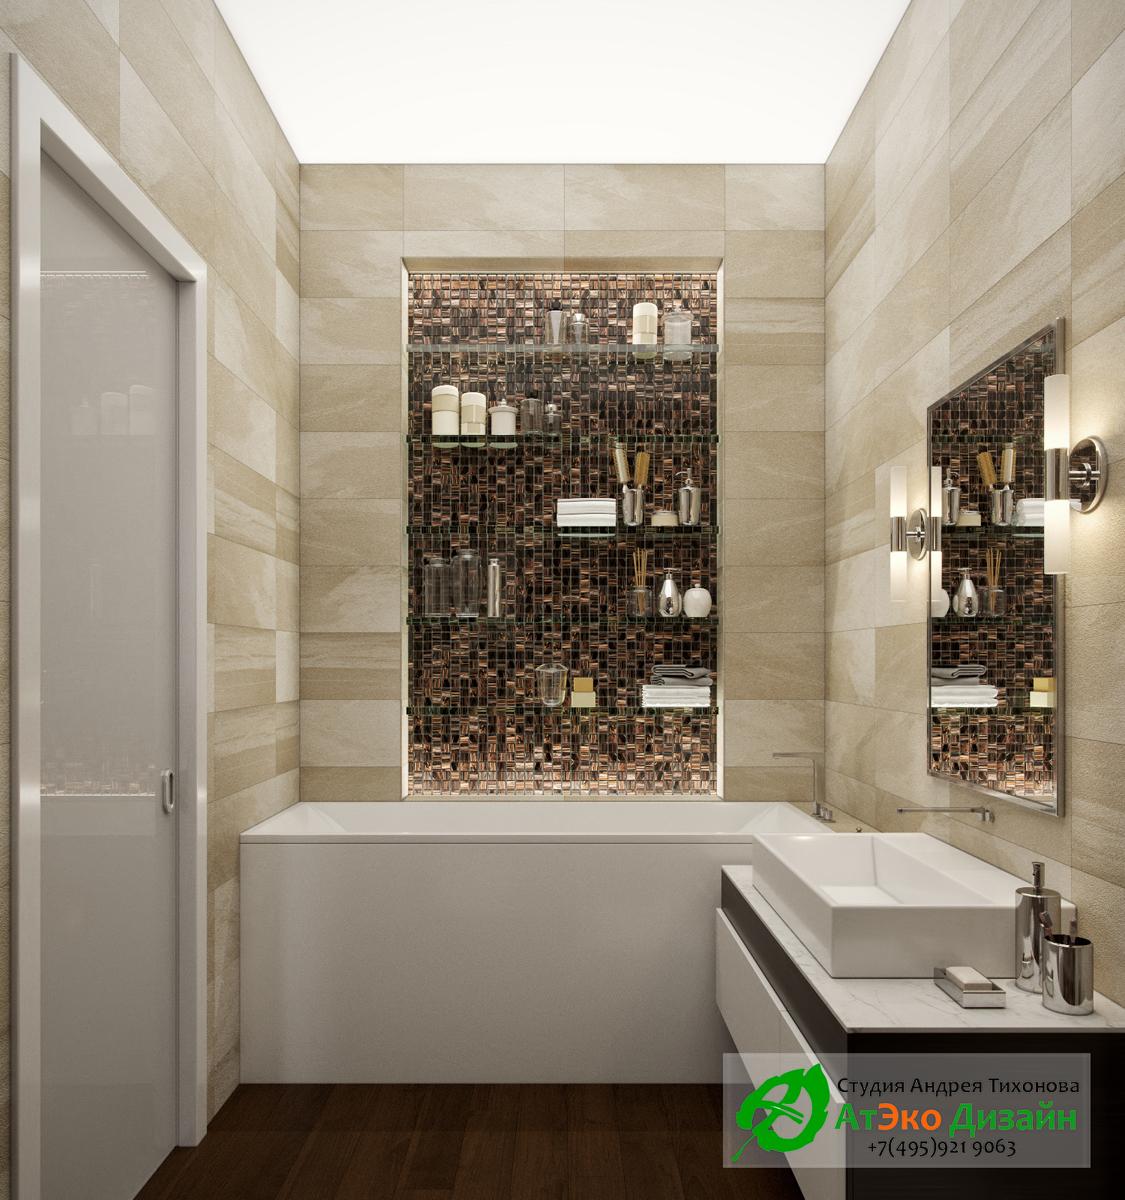 Фото дизайна современной ванной комнаты в квартире Сколково